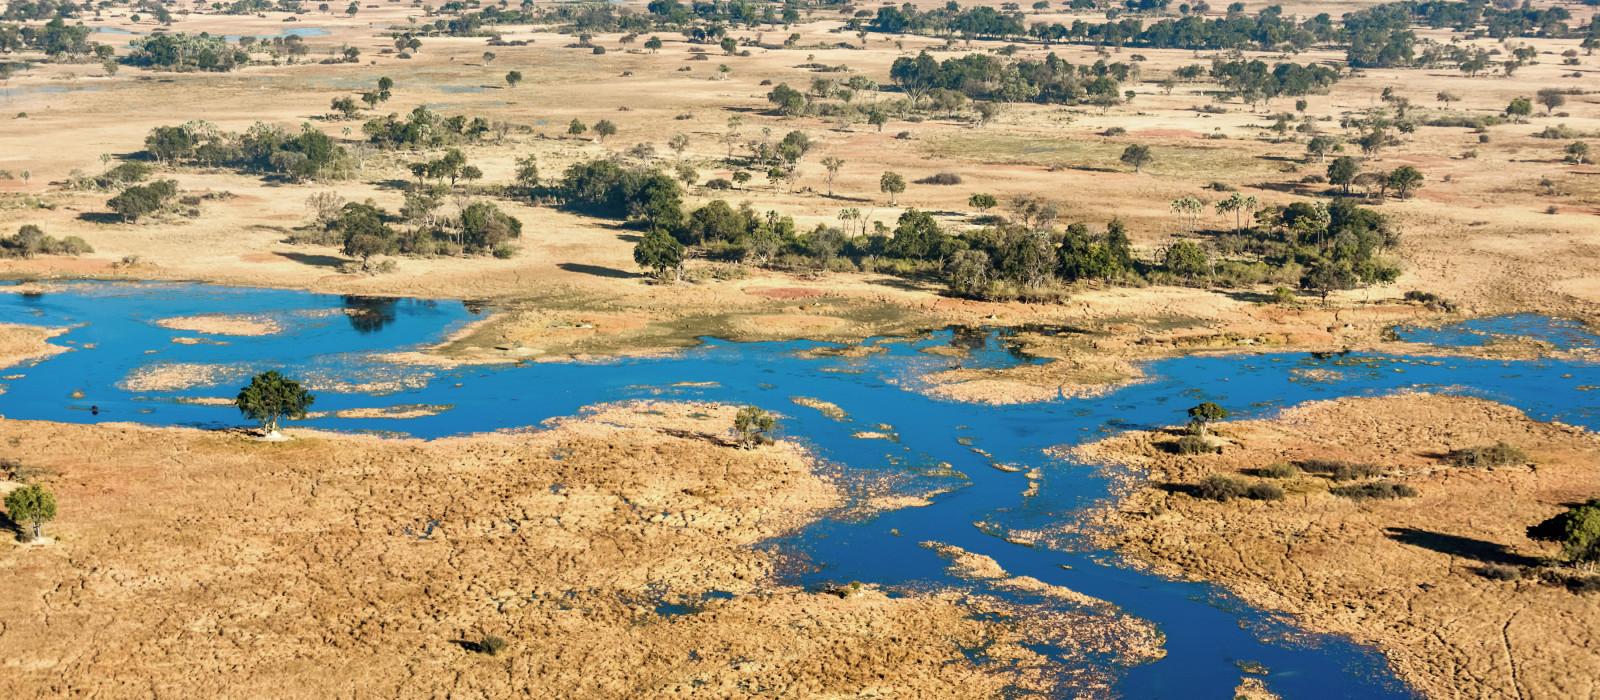 okavango delta in Botswana in africa